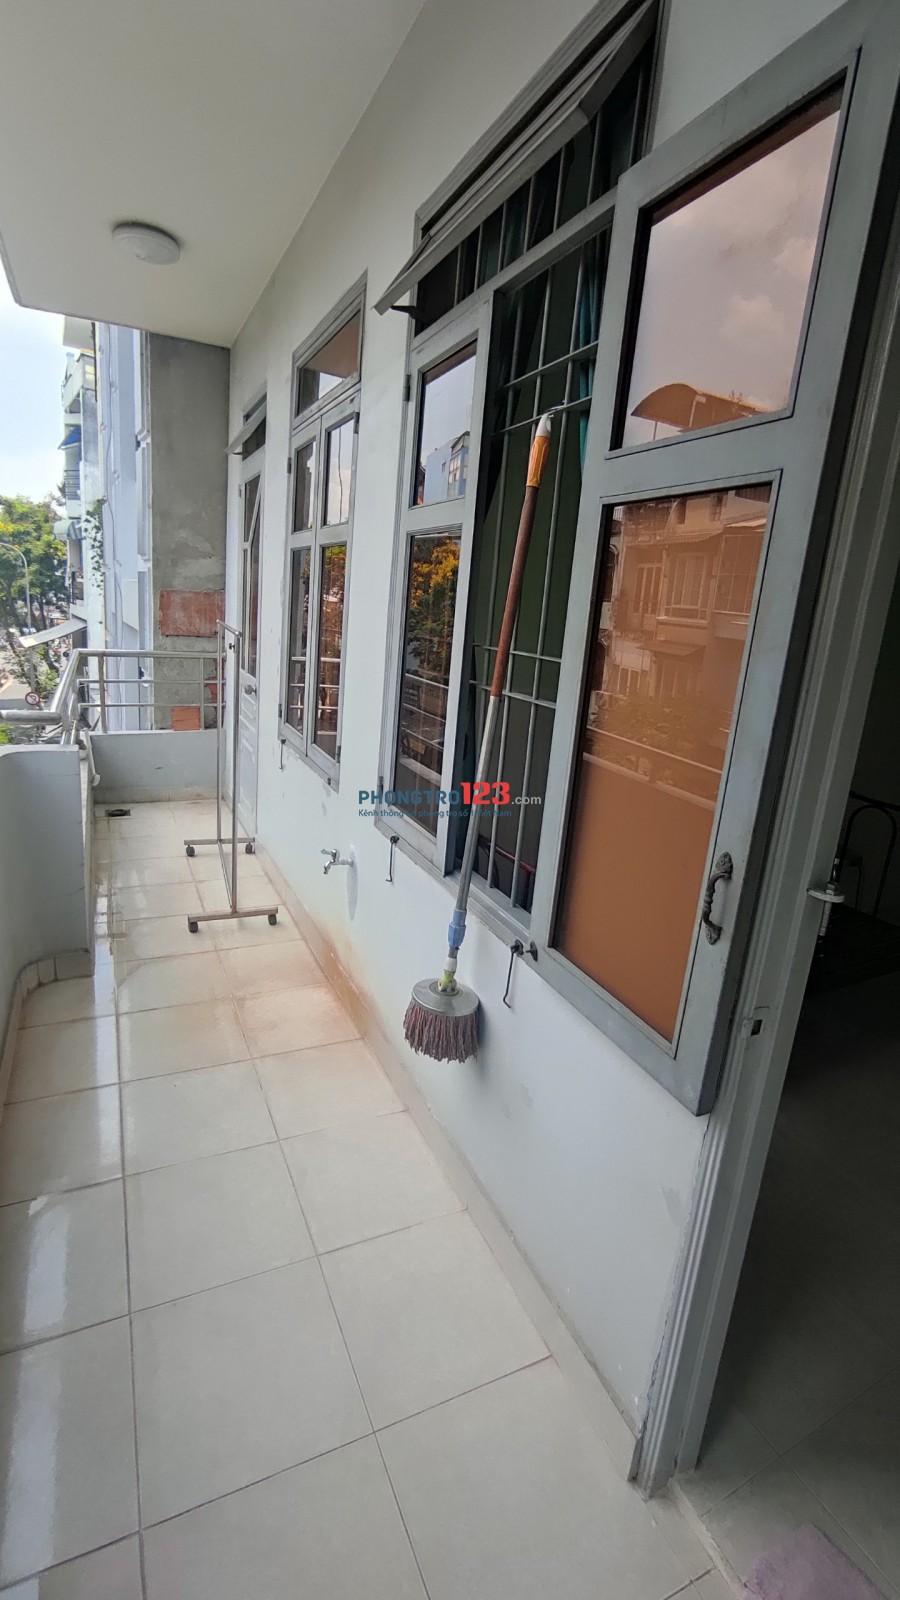 Cho thuê phòng trọ đường Trần Văn Đang, Quận 3 có lối đi riêng, an ninh, sạch sẽ